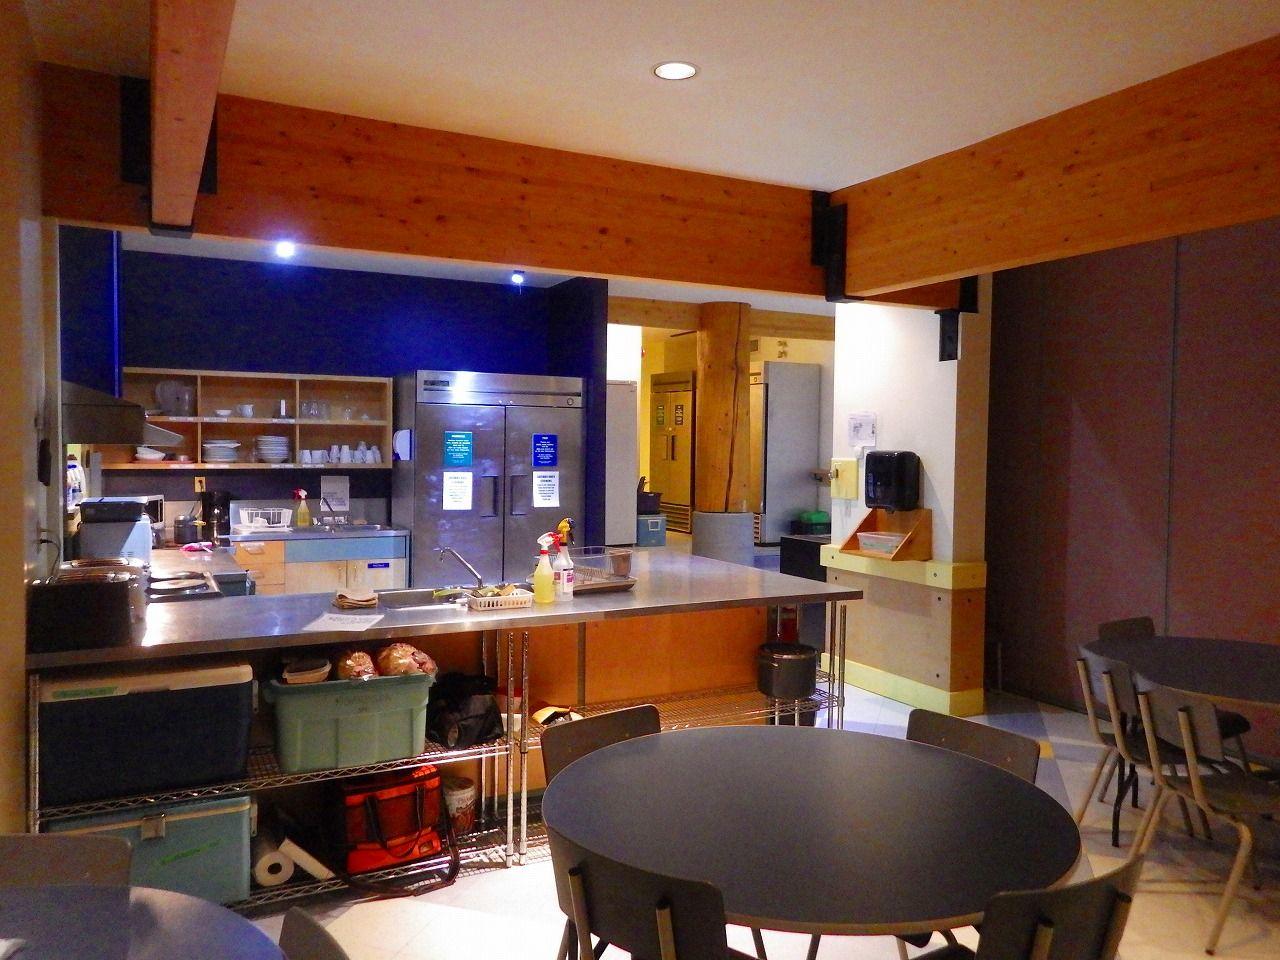 長期滞在型に有難い、厨房並みのキッチンと冷蔵庫